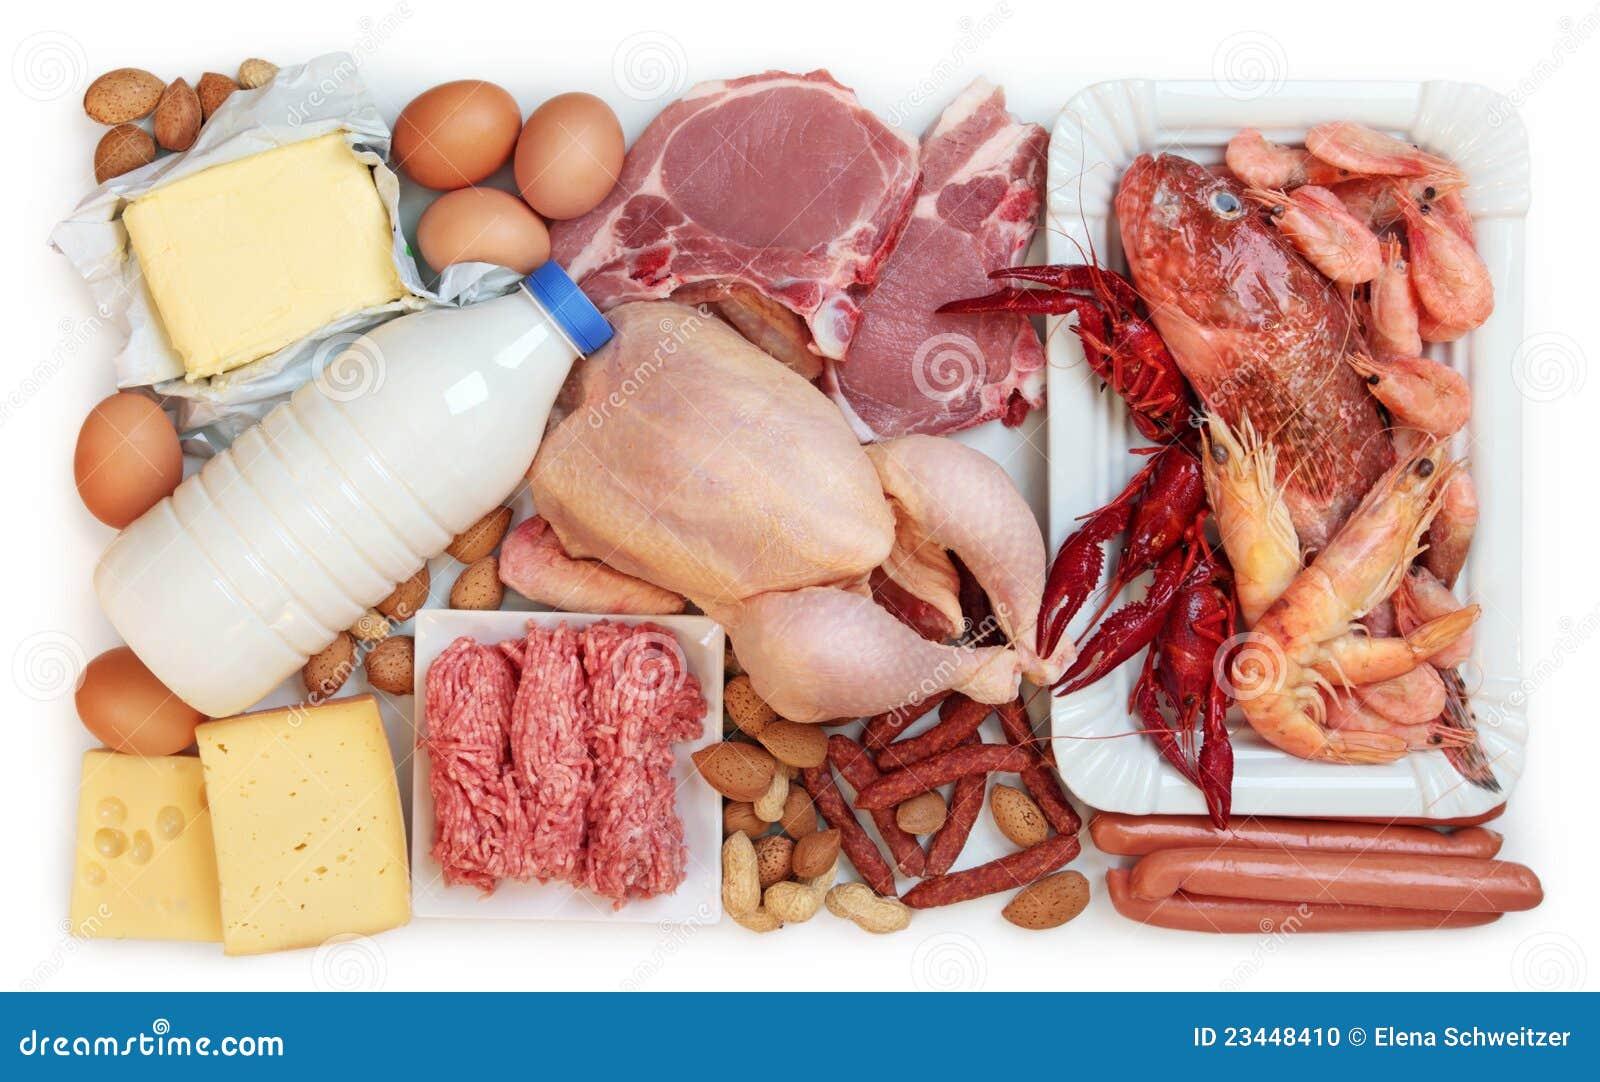 Диета на основе куриного мяса